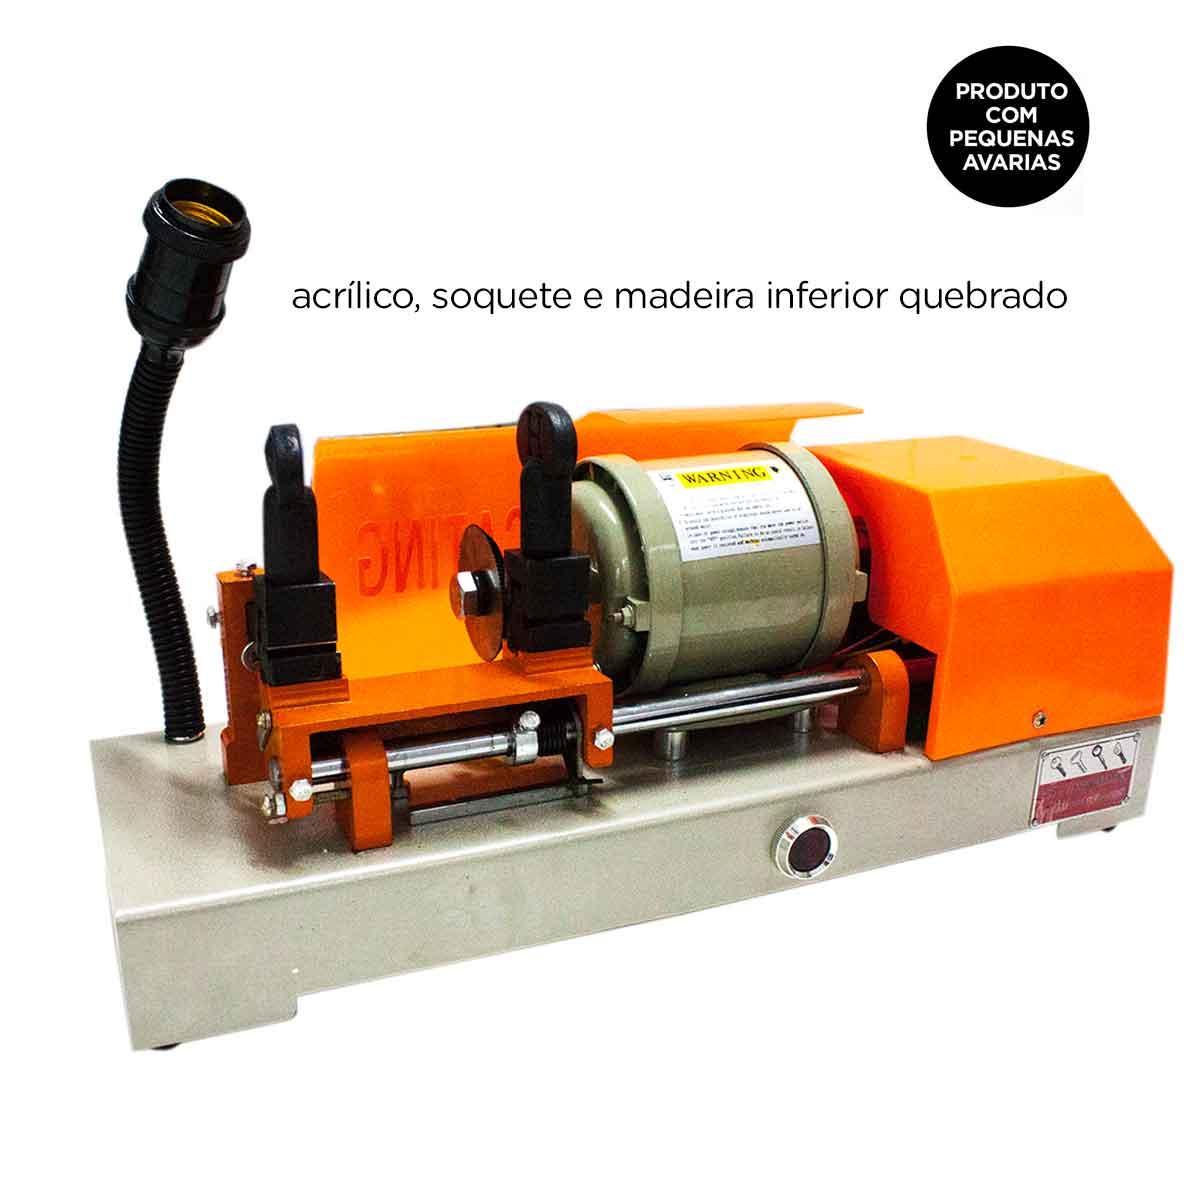 Copiadora De Chaves Máquina 120w Automática Manual AVARIAS